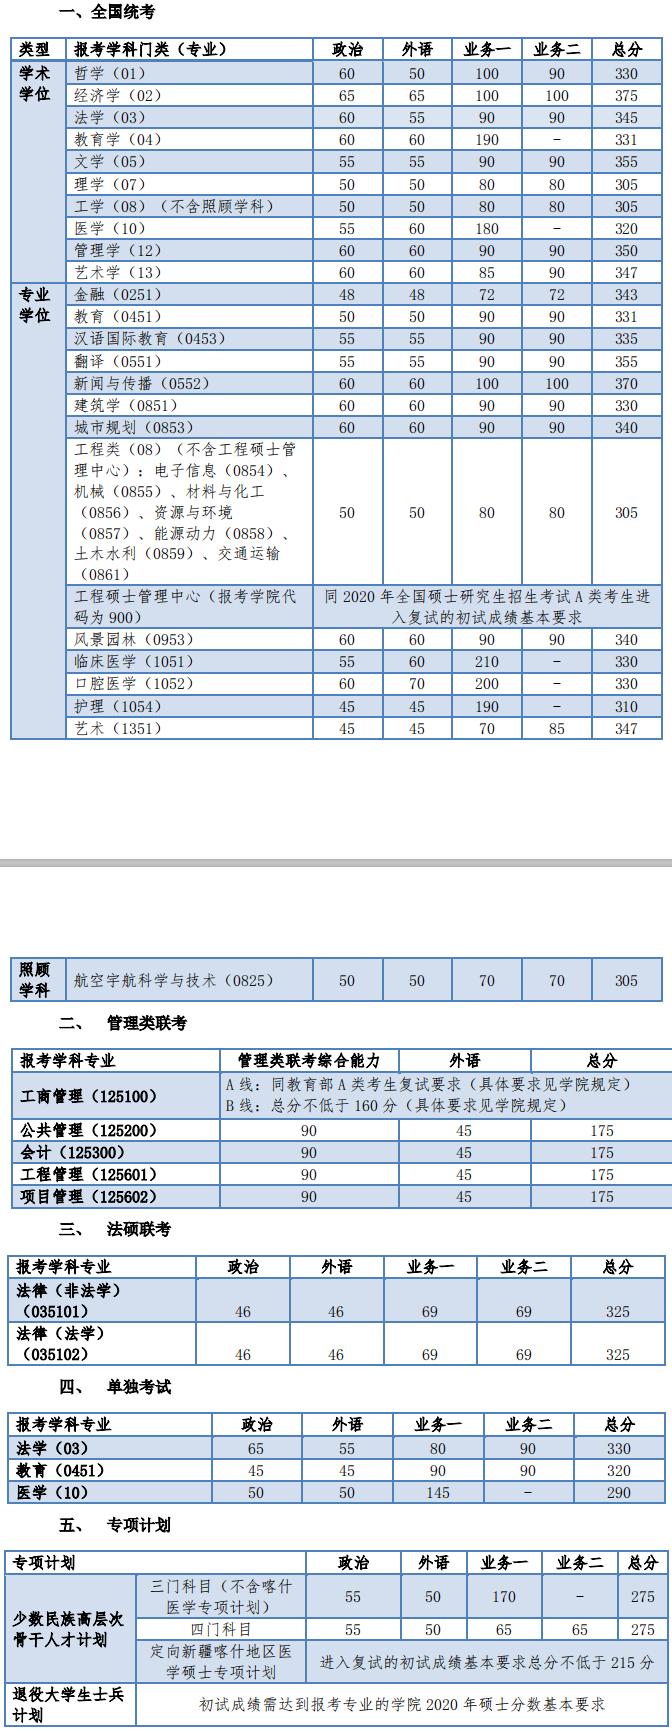 2020考研复试分数线